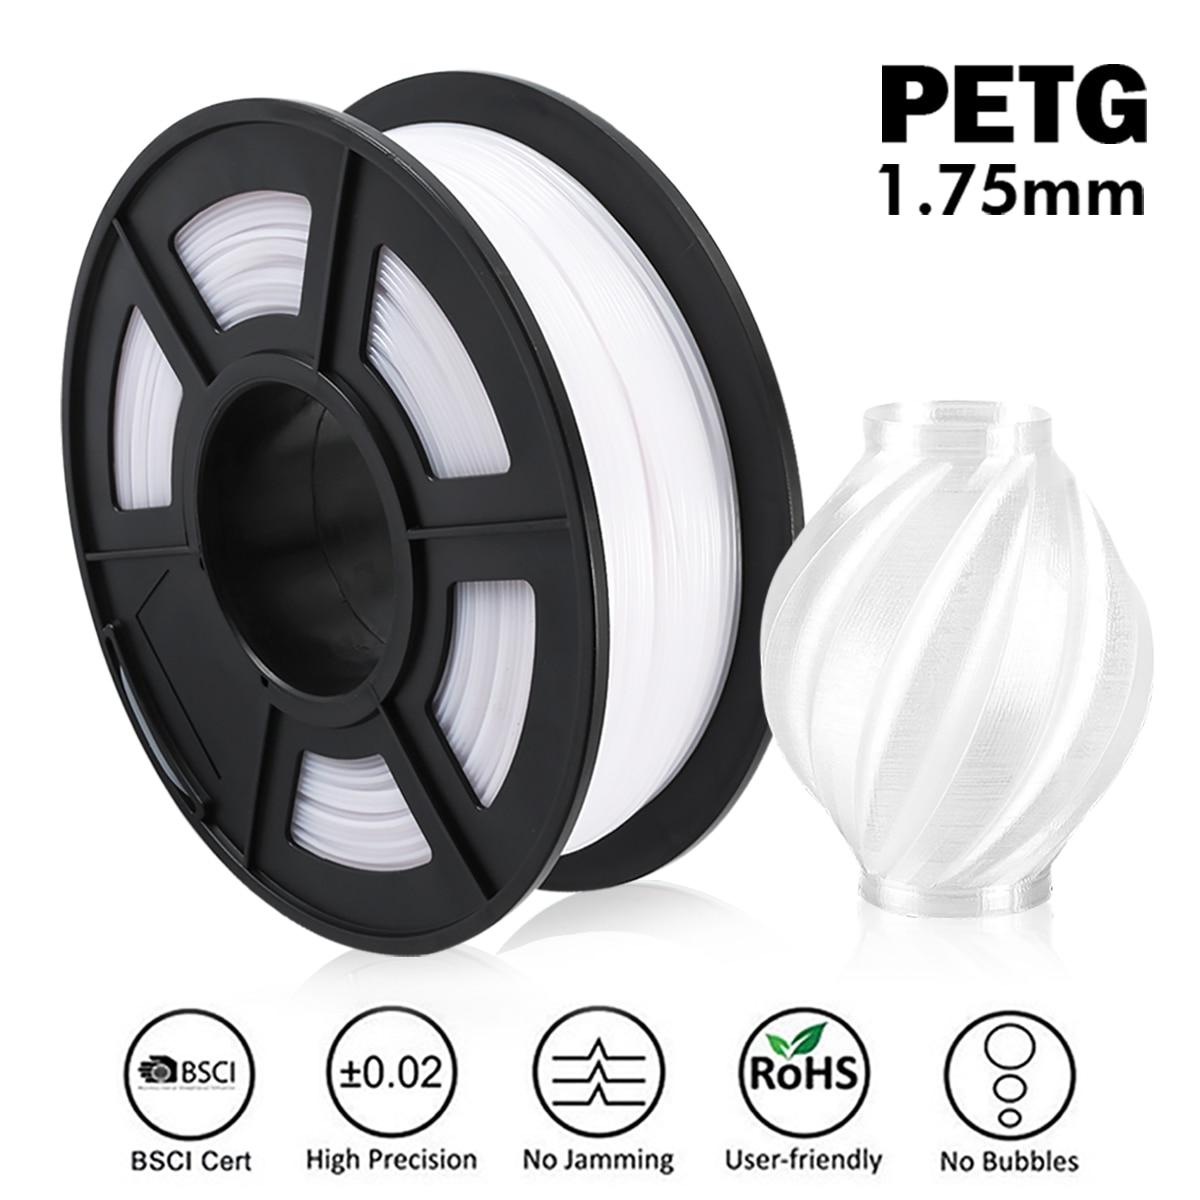 PETG 3D Printer Filament 1.75mm 1KG 2.2lbs Spool Support Defferent Material 3D Printer Refill Full Color 3D Filament Order